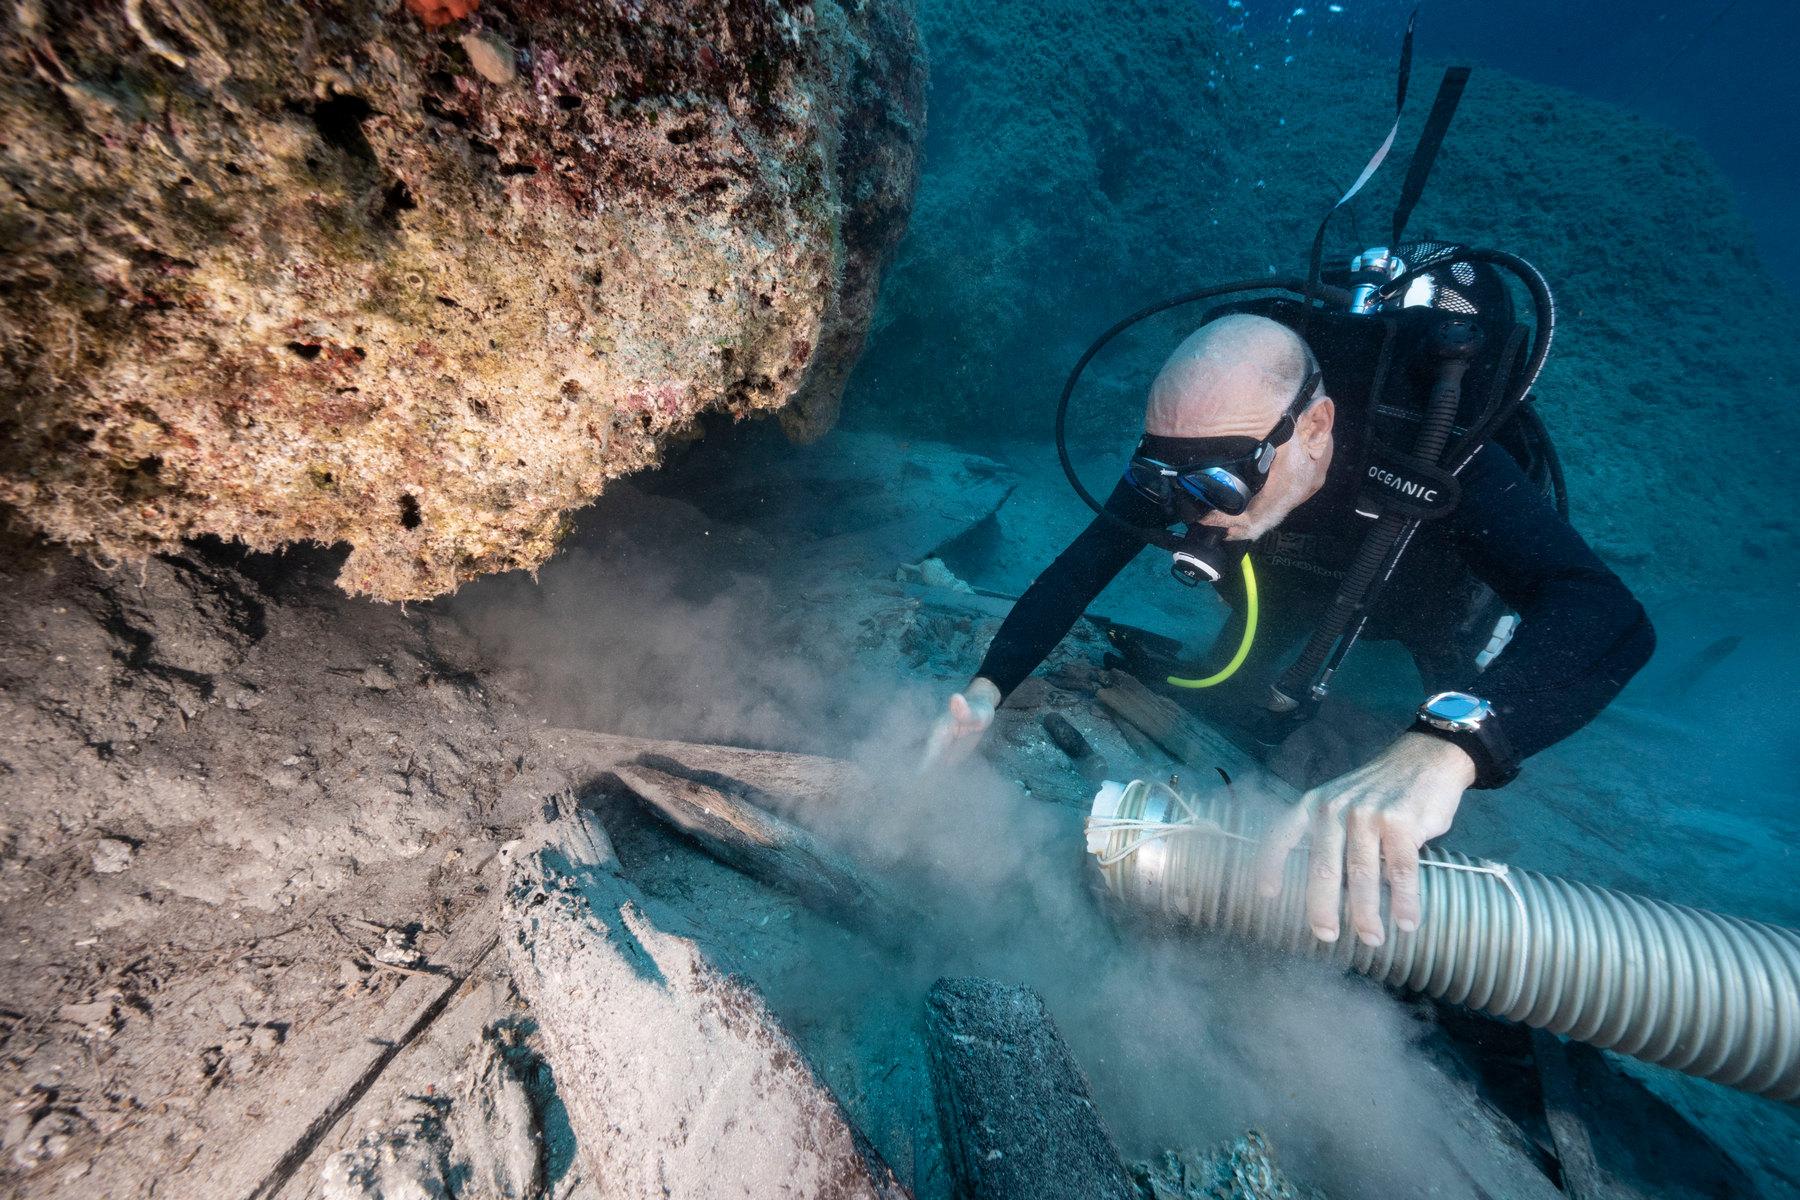 4 Ανασκαφή στο χώρο της Τομής 2020, όπου φαίνονται νομείς και άλλα ξύλα του πλοίου κάτω από τα βράχια